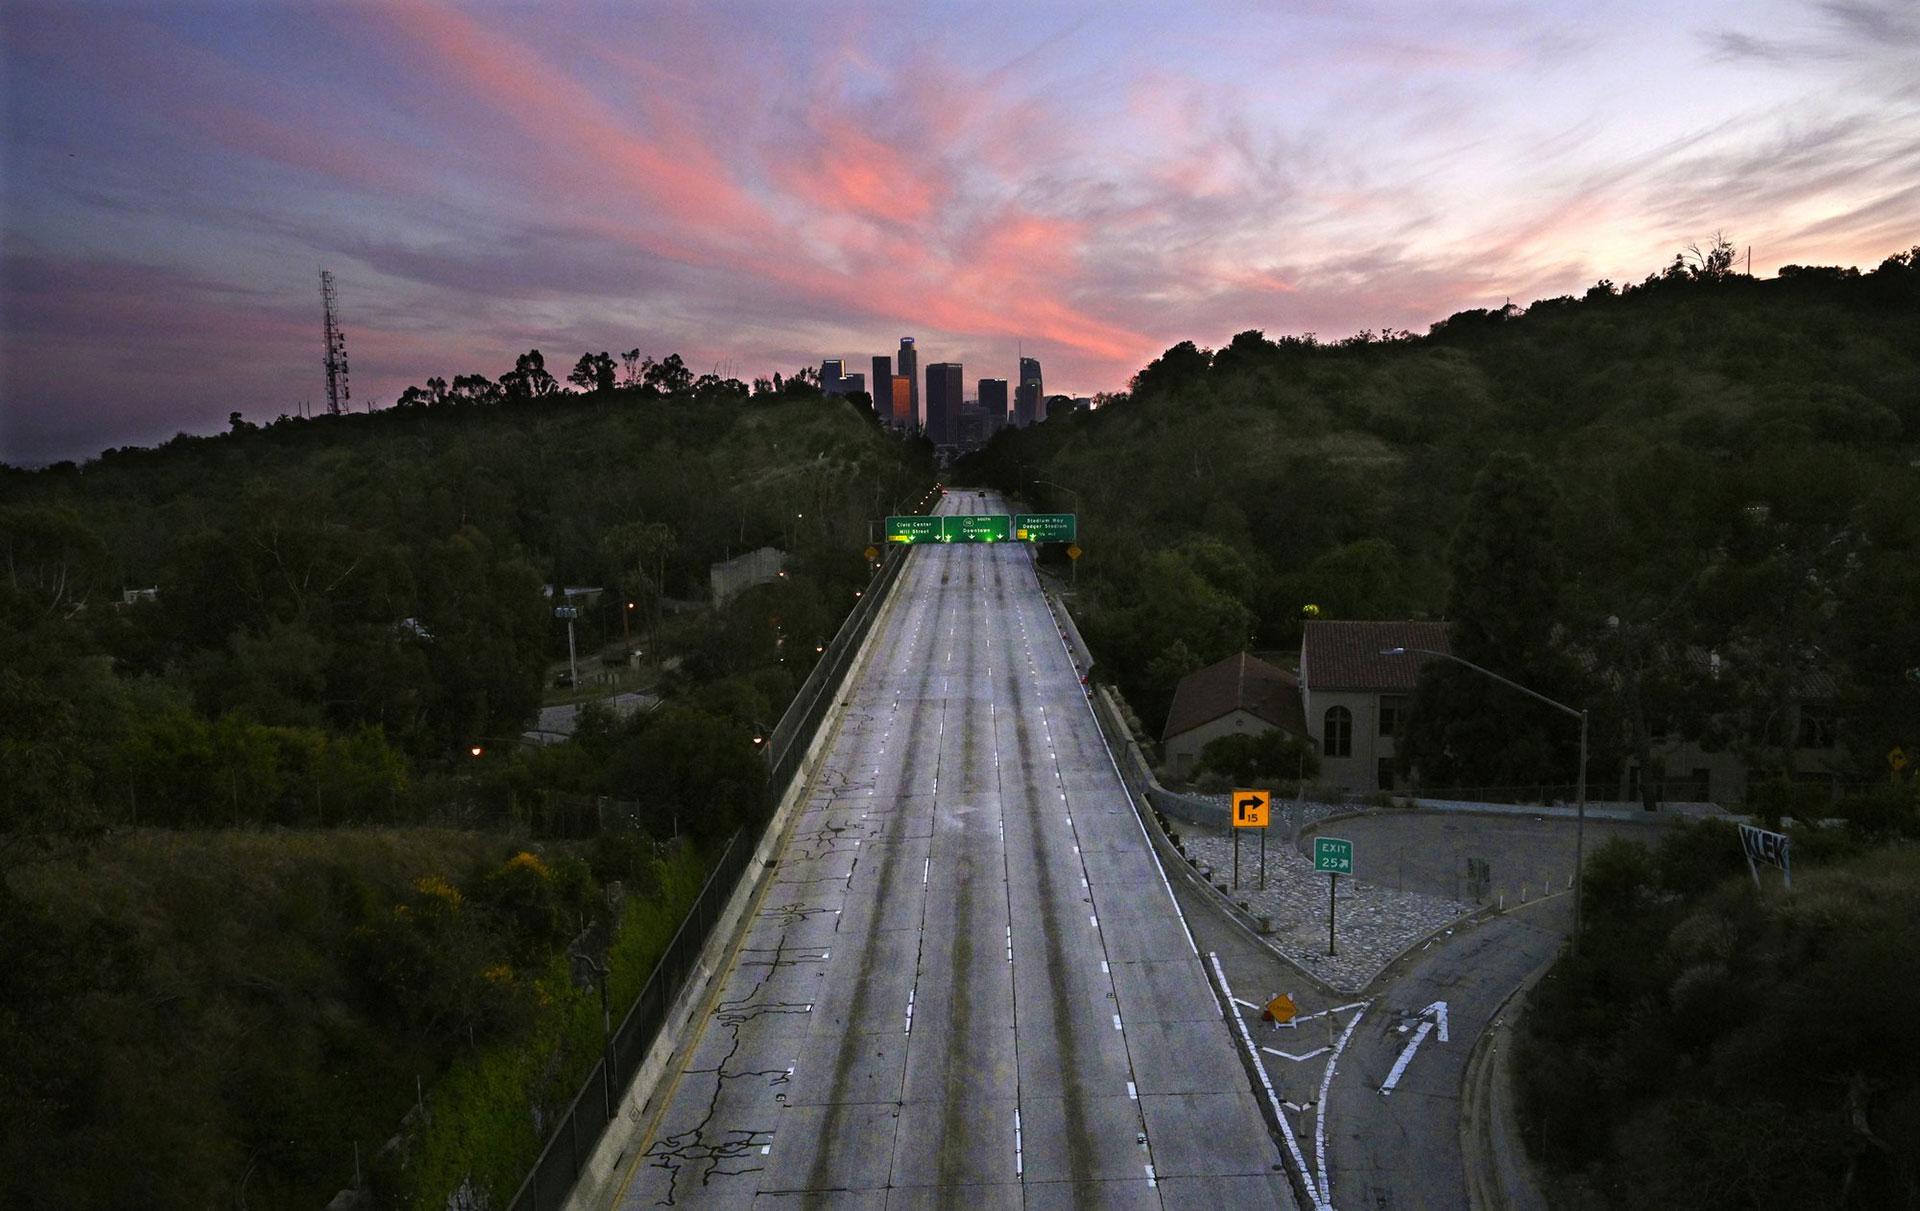 Los carriles vacíos de la autopista 110 Arroyo Seco que conduce al centro de Los Ángeles, California, el domingo 26 de abril de 2020 (Foto AP / Mark J. Terrill)